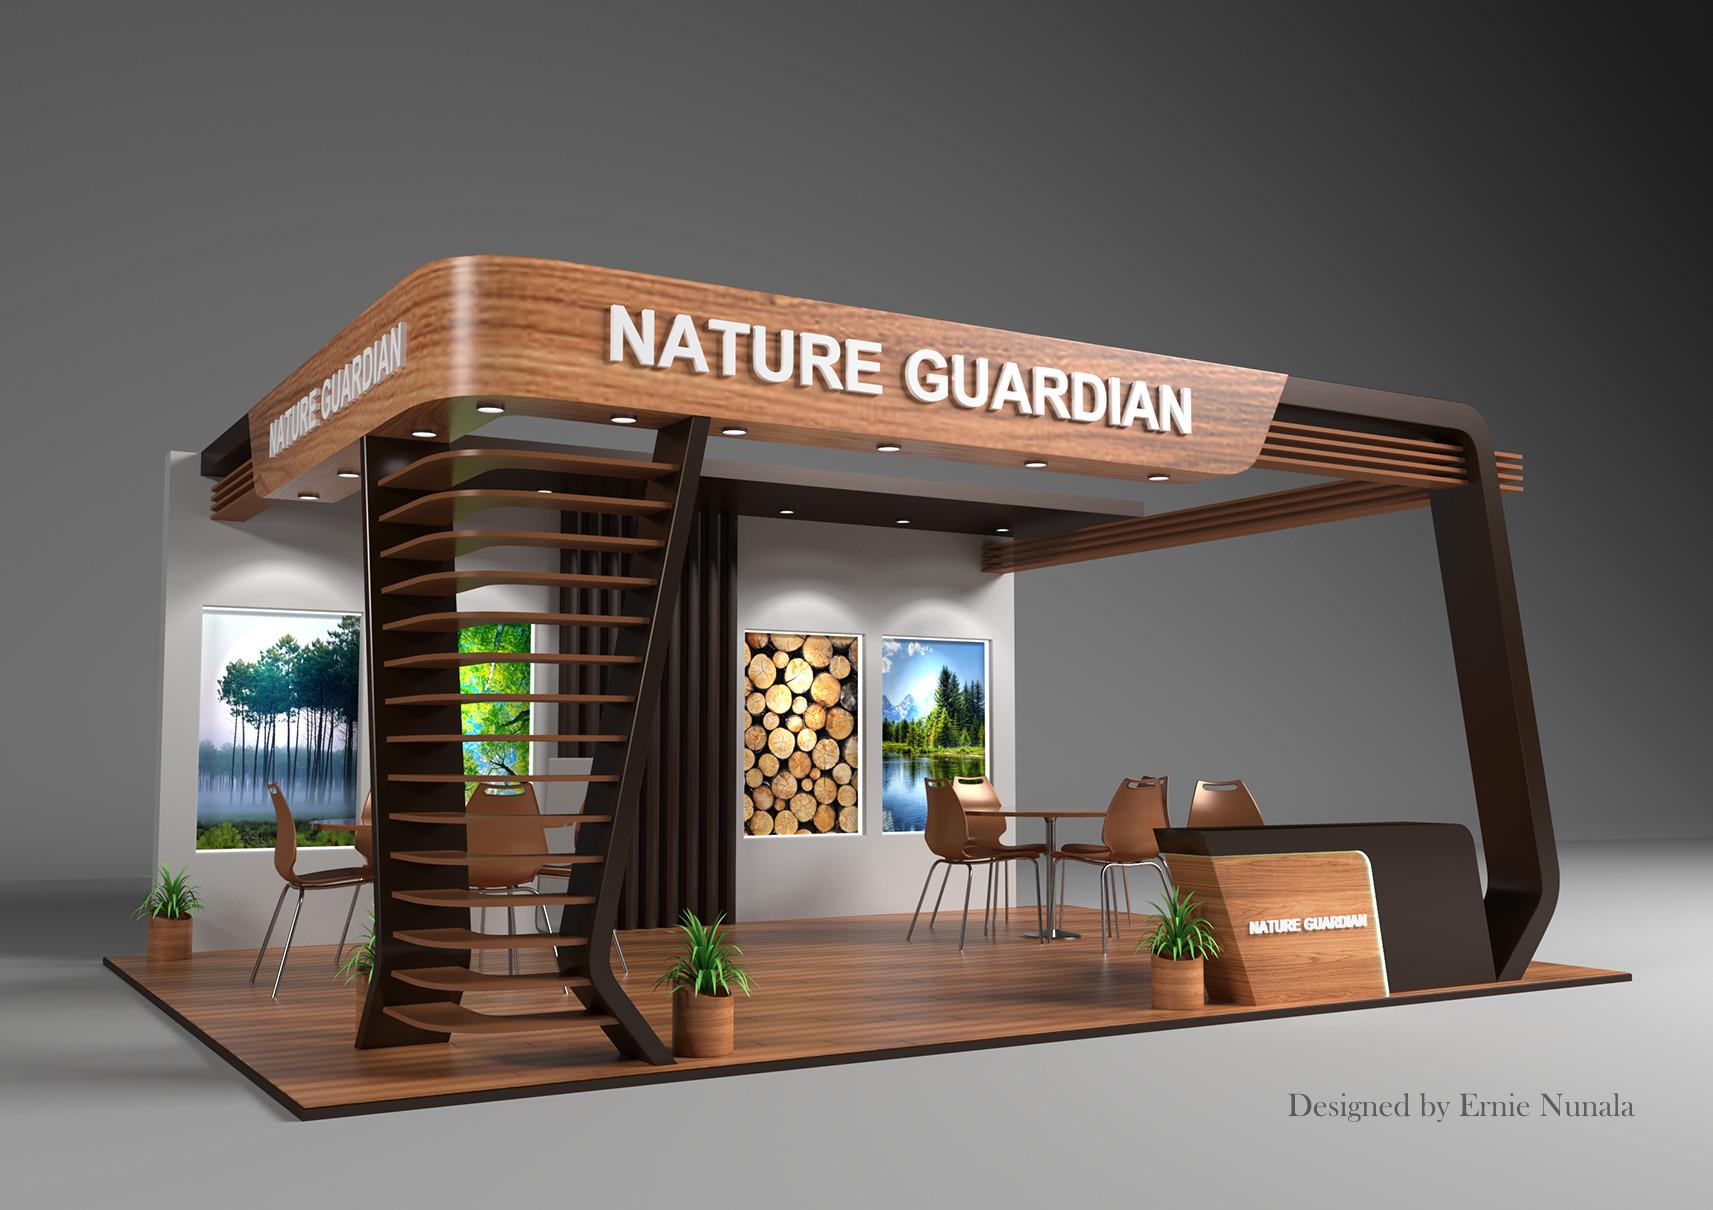 Exhibition Booth Design : Artstation exhibition booth design ernie nunala